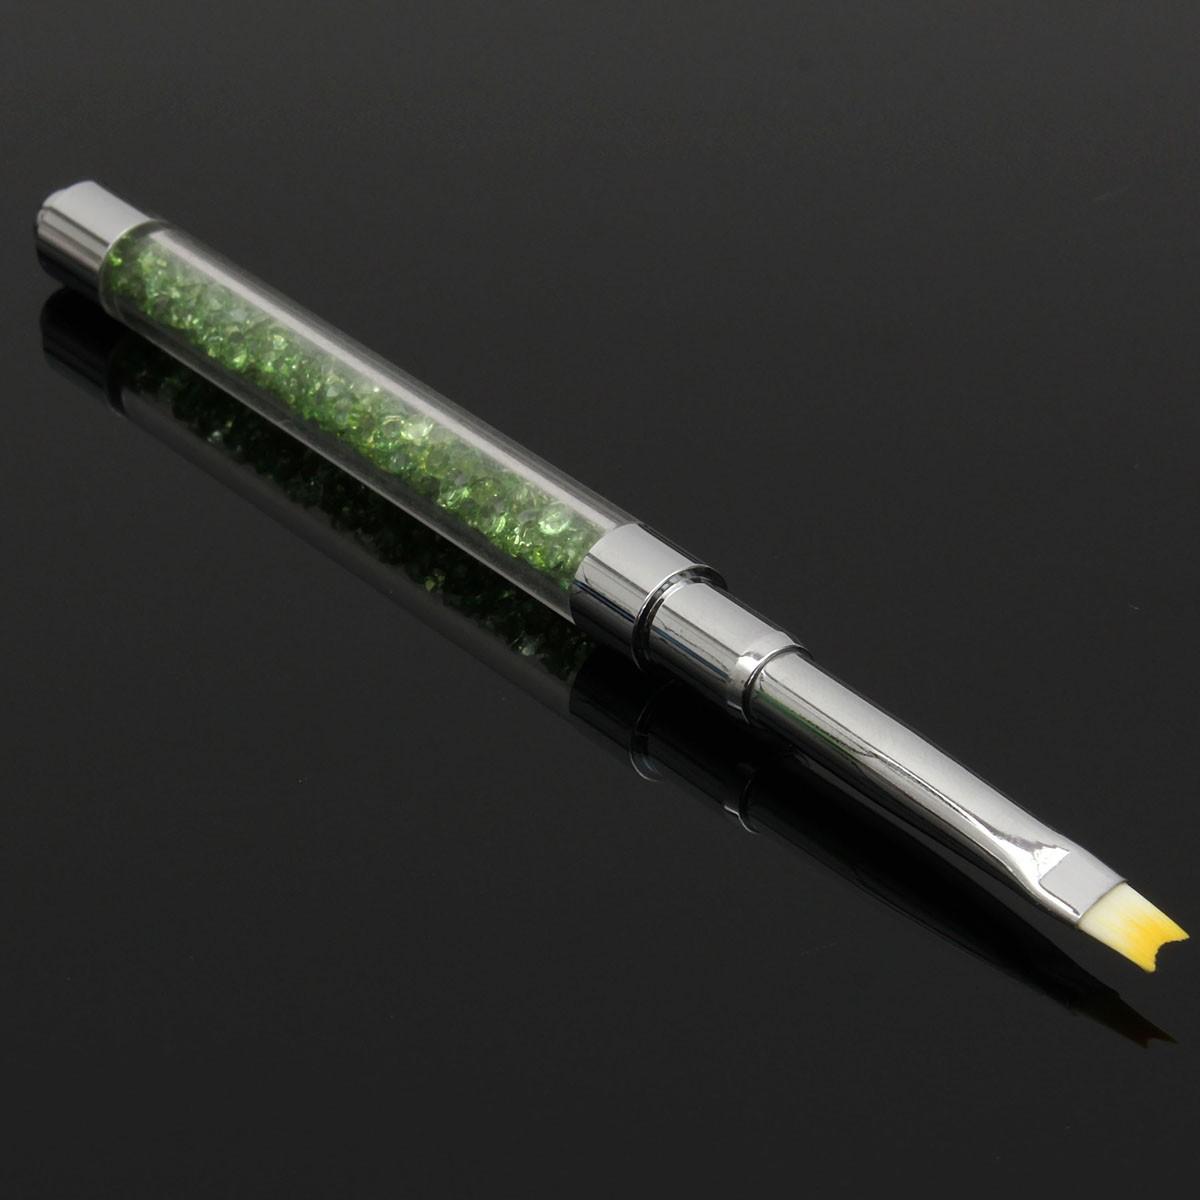 Cristal acrylique fran ais nail art dessin peinture poudre brosse stylo manucure outil chez - Painting tool avis ...